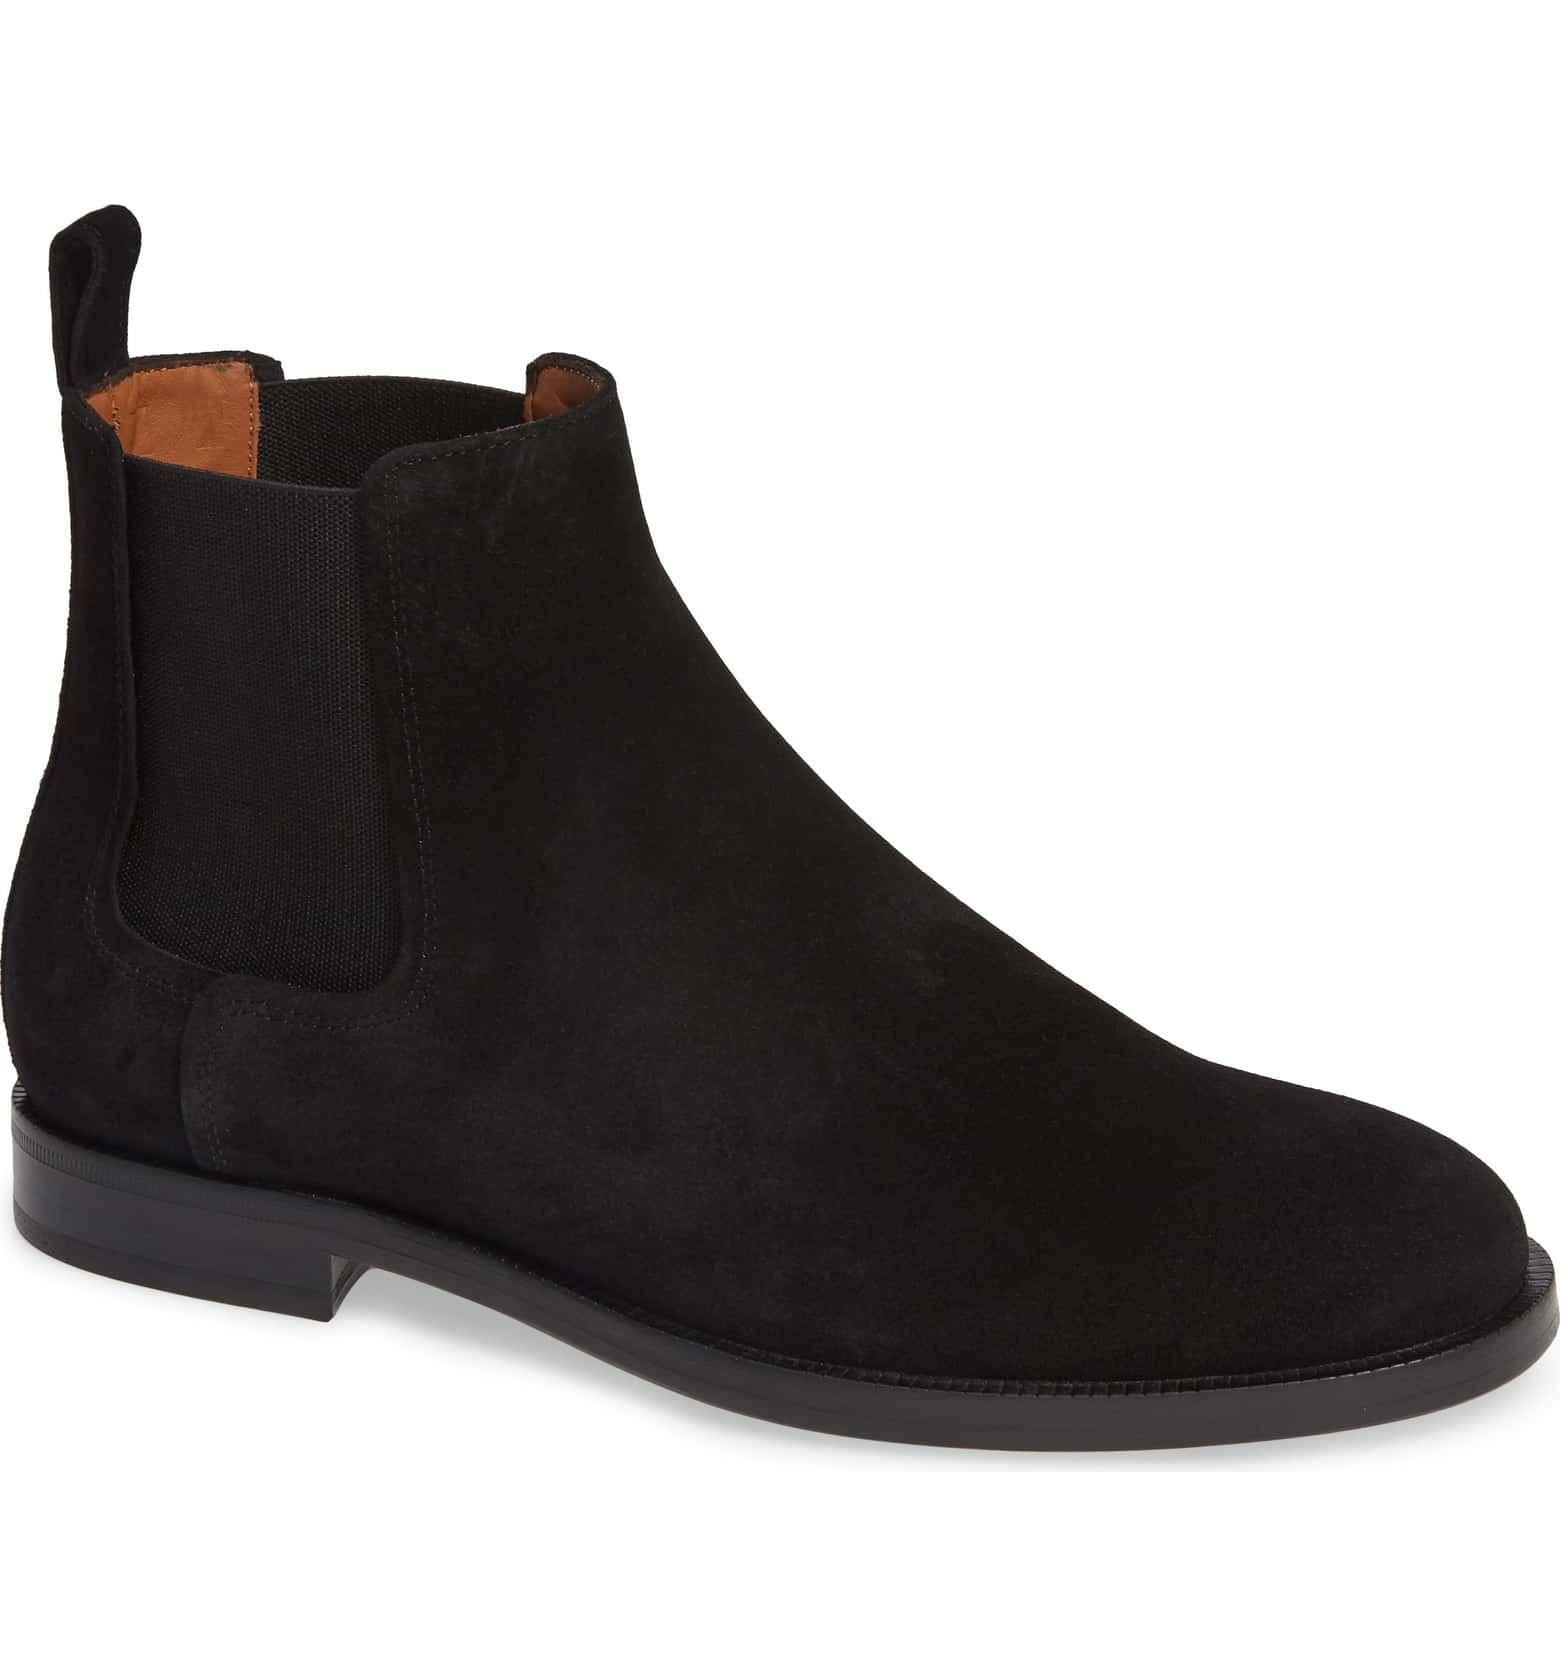 Lanvin, botas Lanvin, botas chelsea, botas chelsea hombre